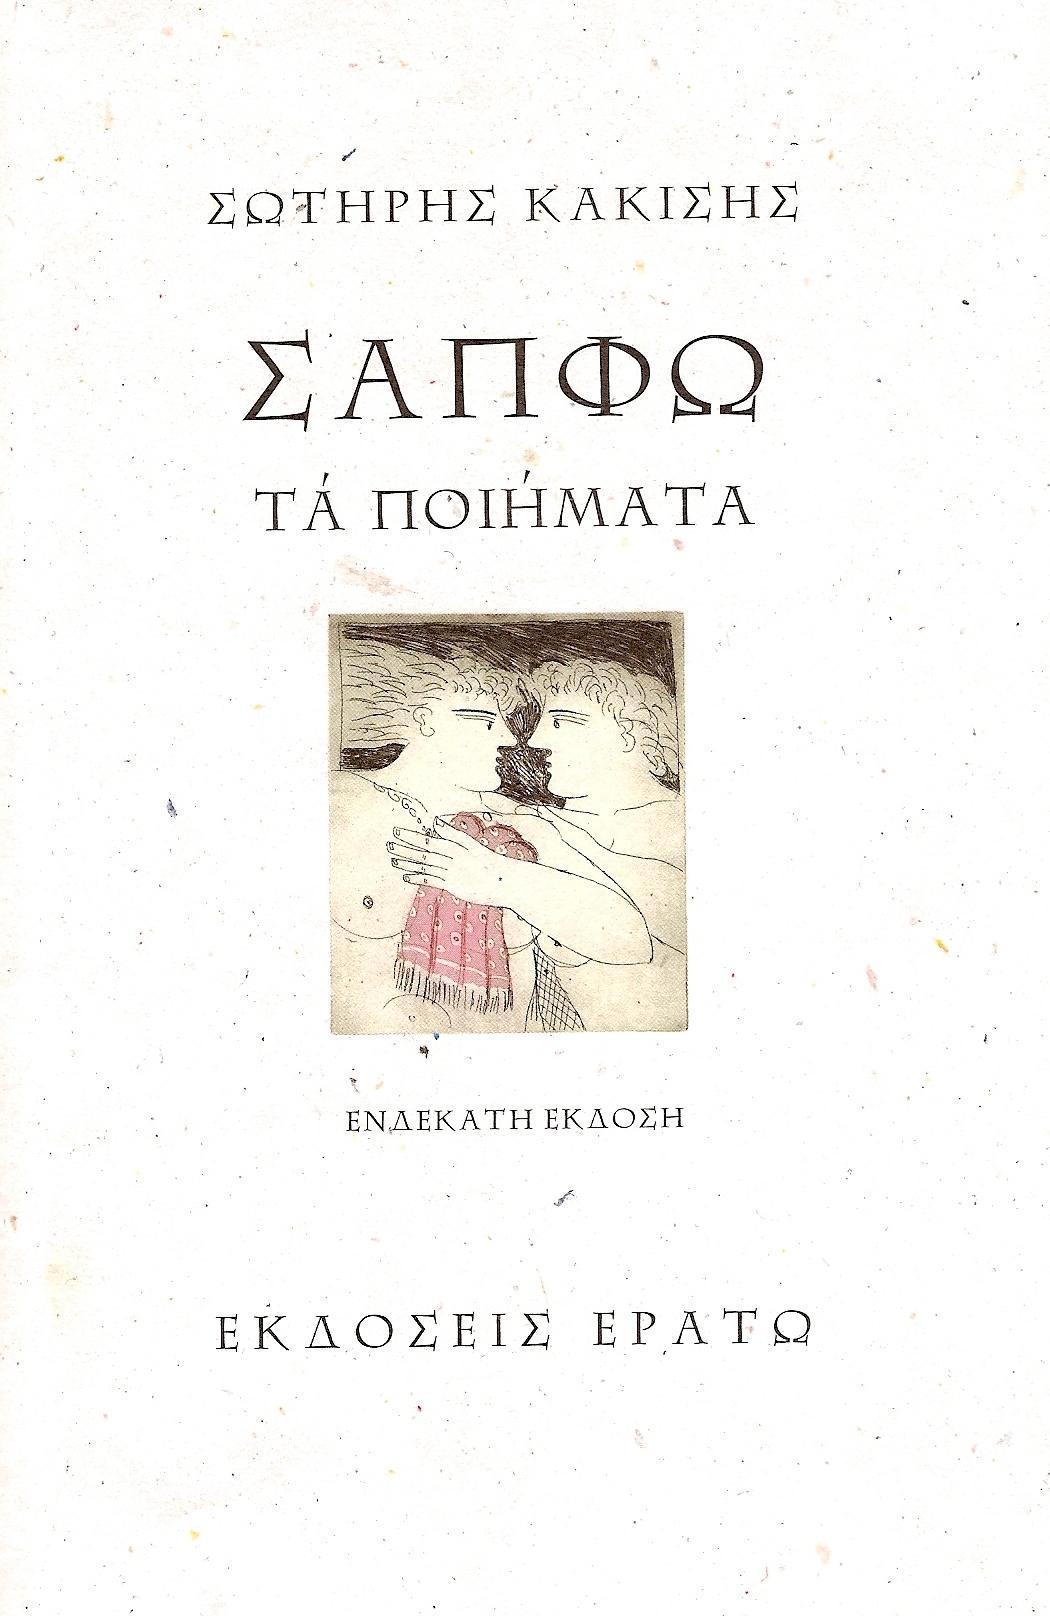 Σαπφώ, Σωτήρης Κακίσης, Αλέκος Φασιανός (Ερατώ)